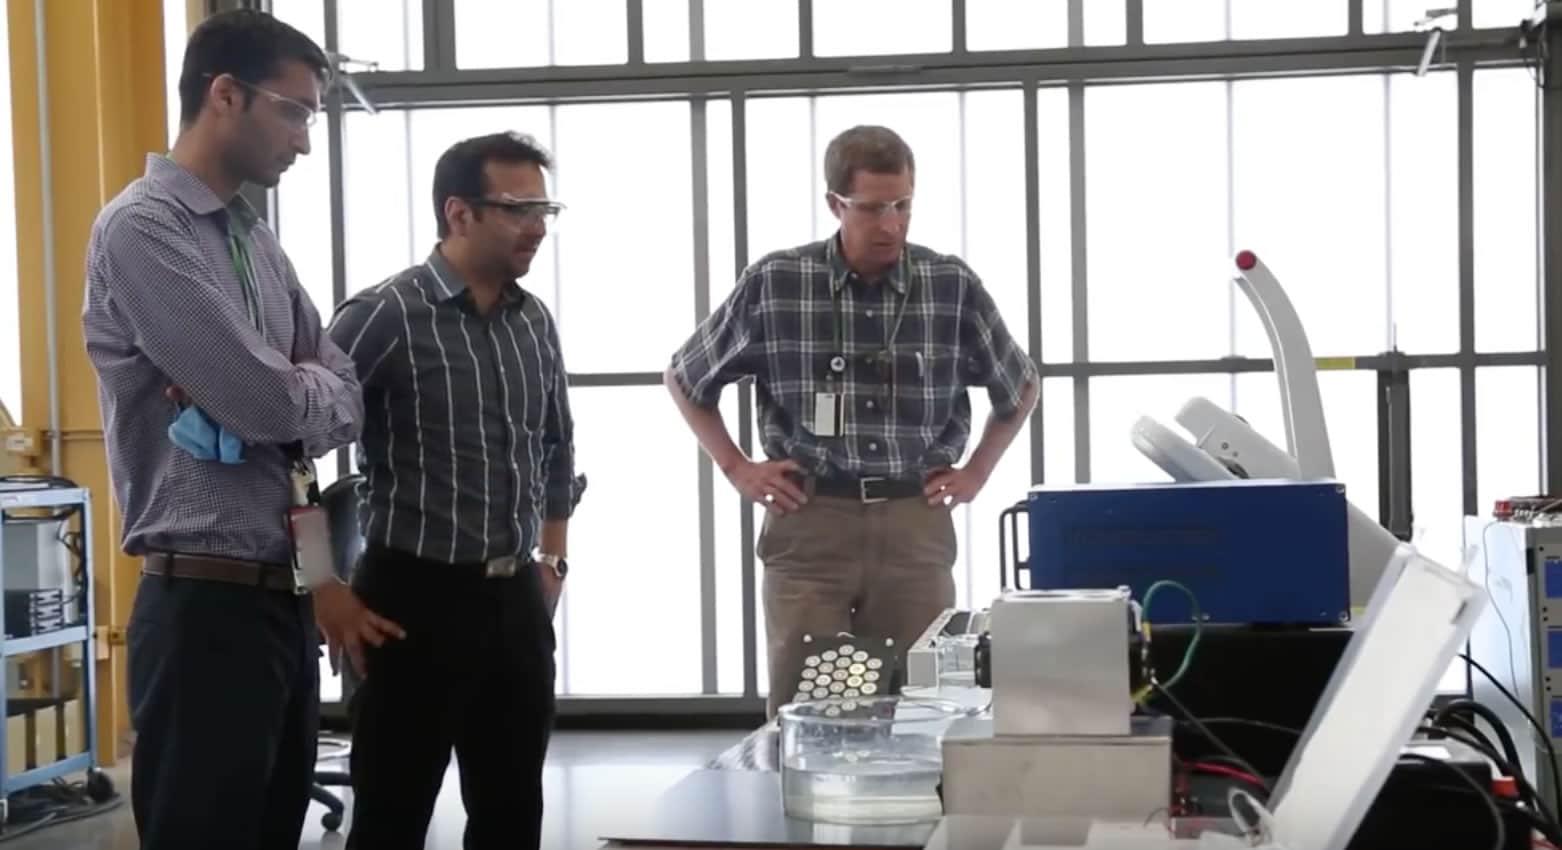 Científicos secarán la ropa con una nueva secadora eléctrica.